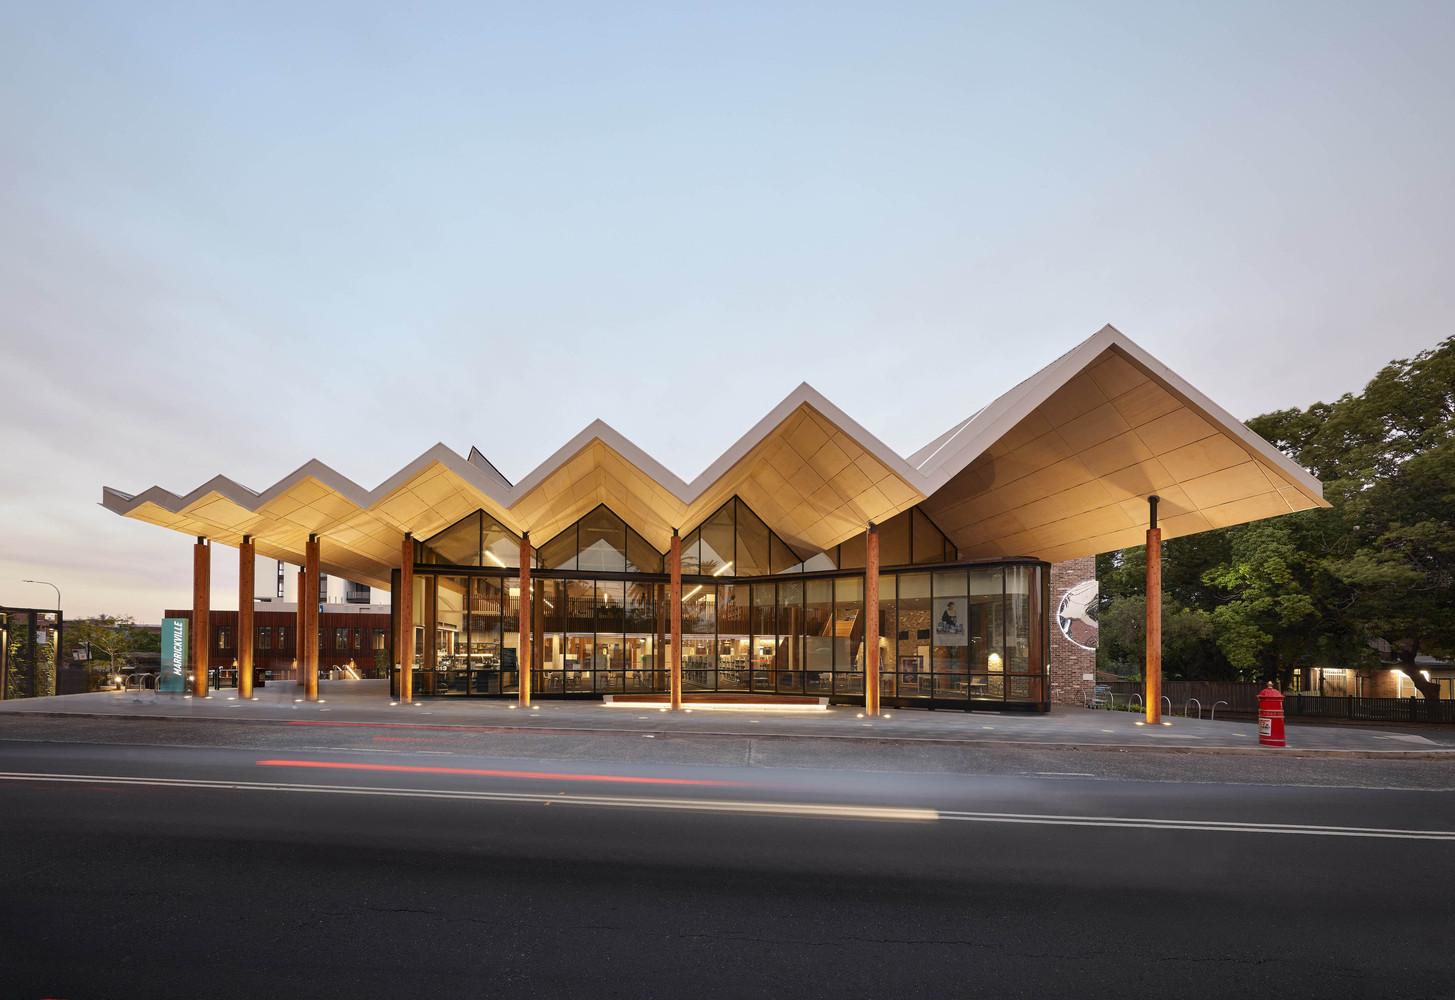 اعلام جوایز معماری 2020 NSW توسط موسسه معماران استرالیا